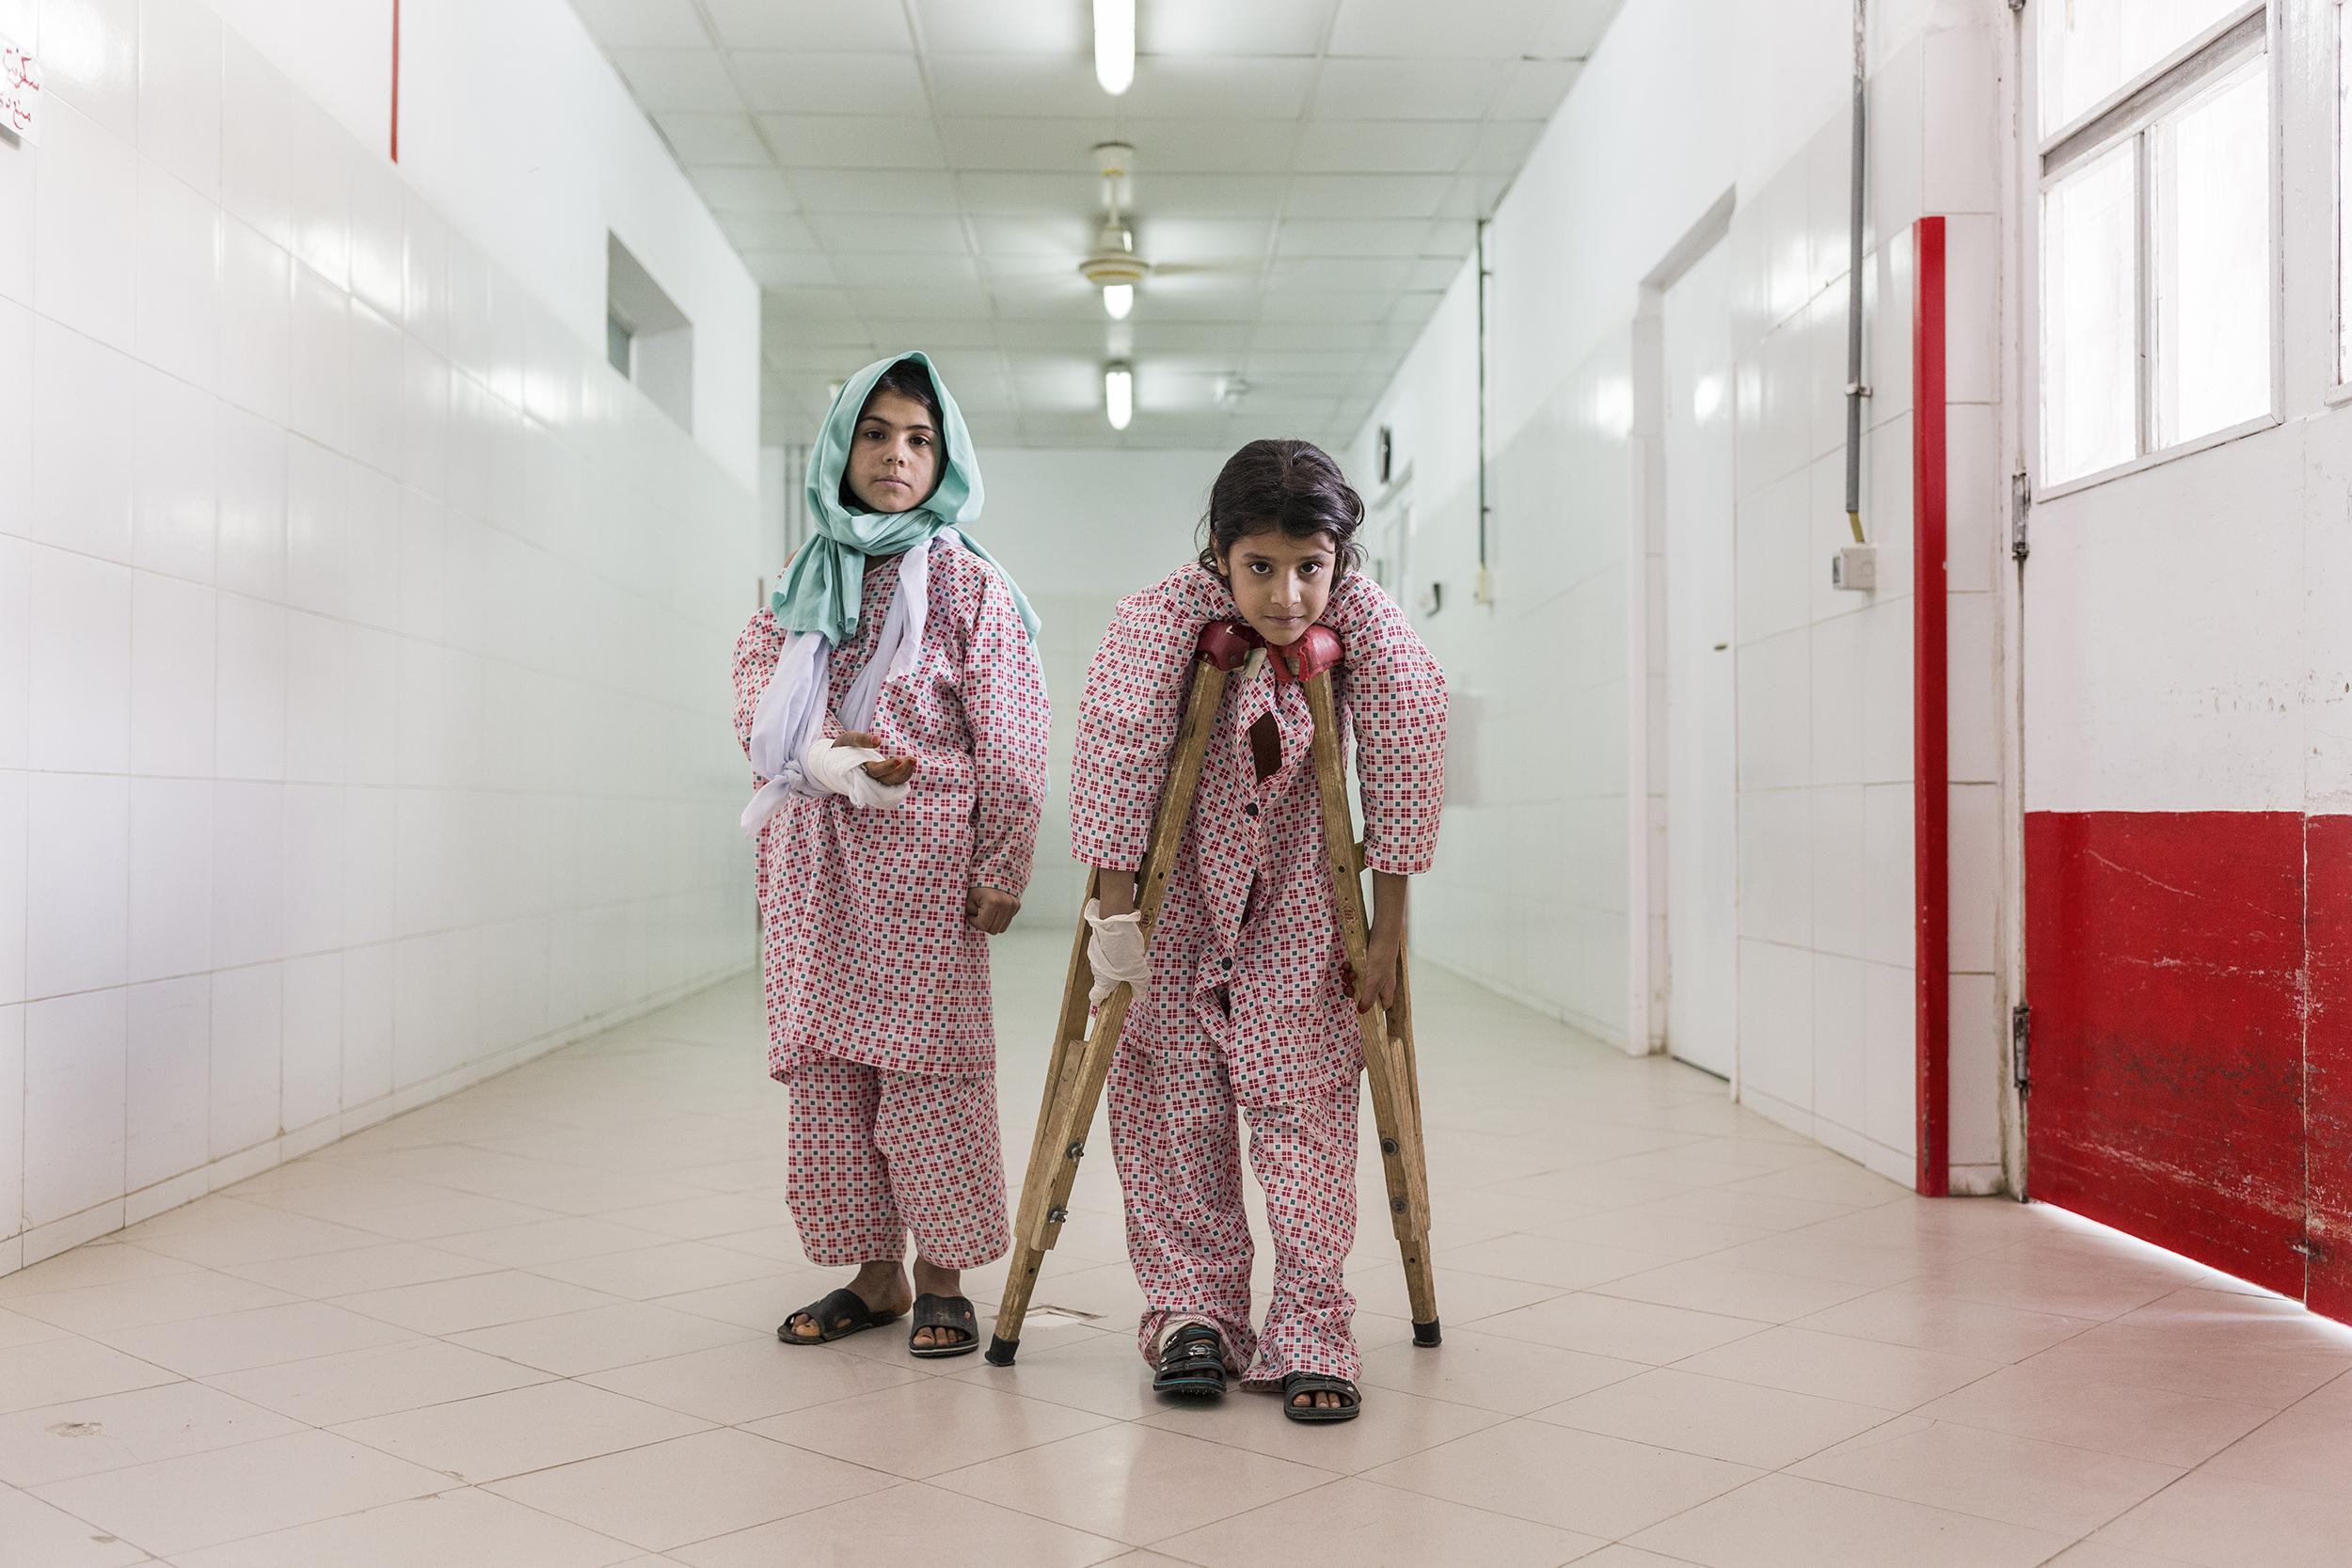 Walas Bibi e Zubadia nel corridoio dell'ospedale di EMERGENCY